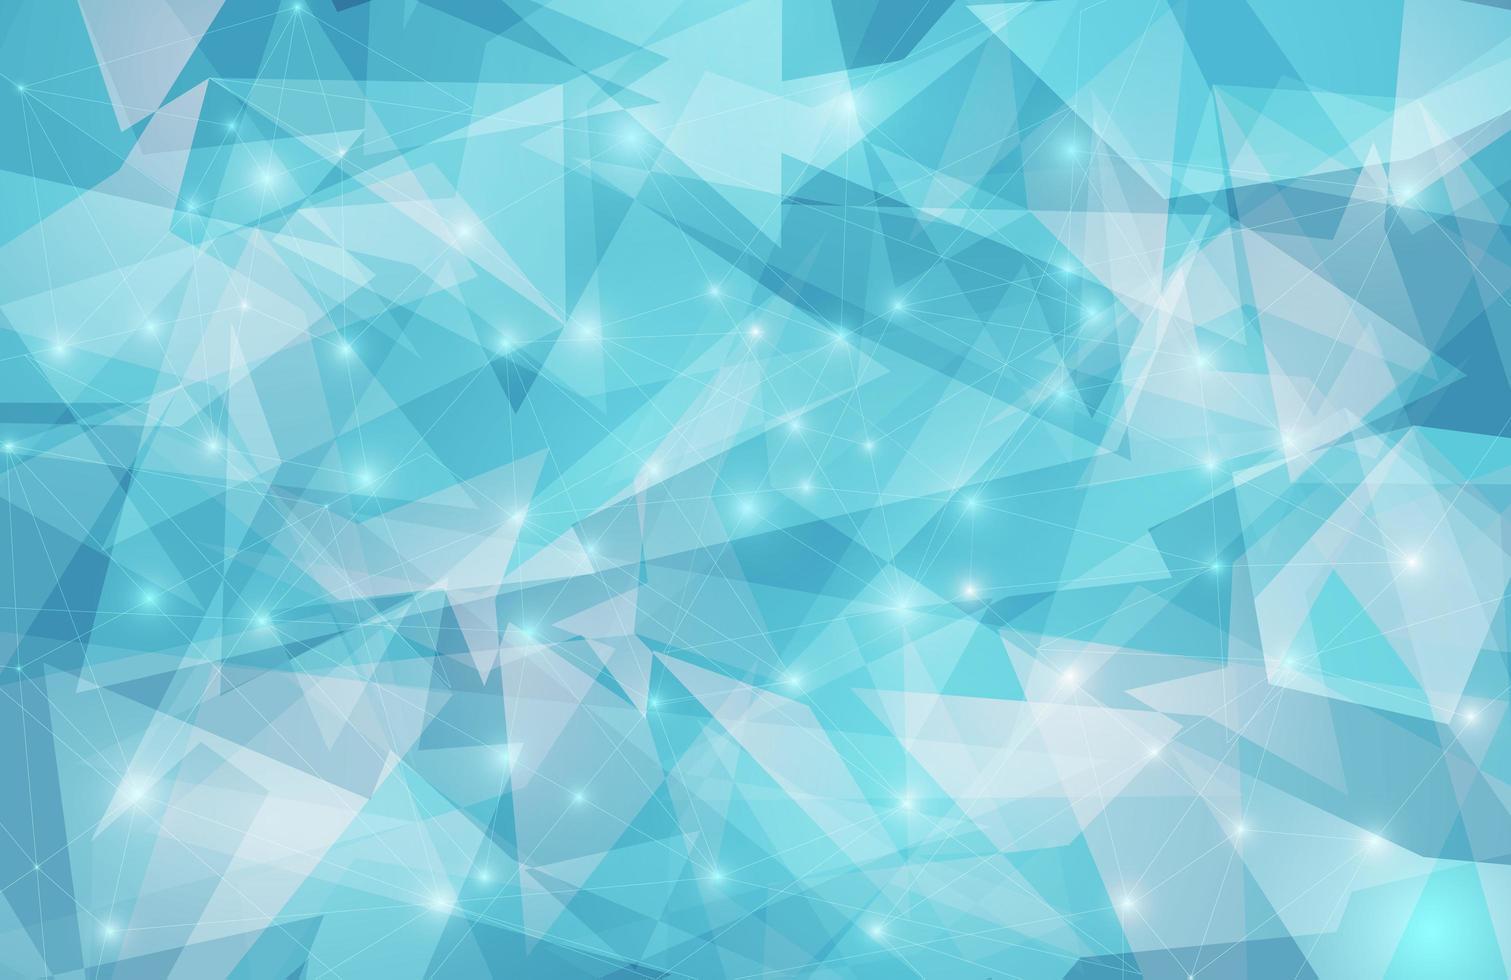 blaues funkelndes Dreiecksmusterdesign vektor